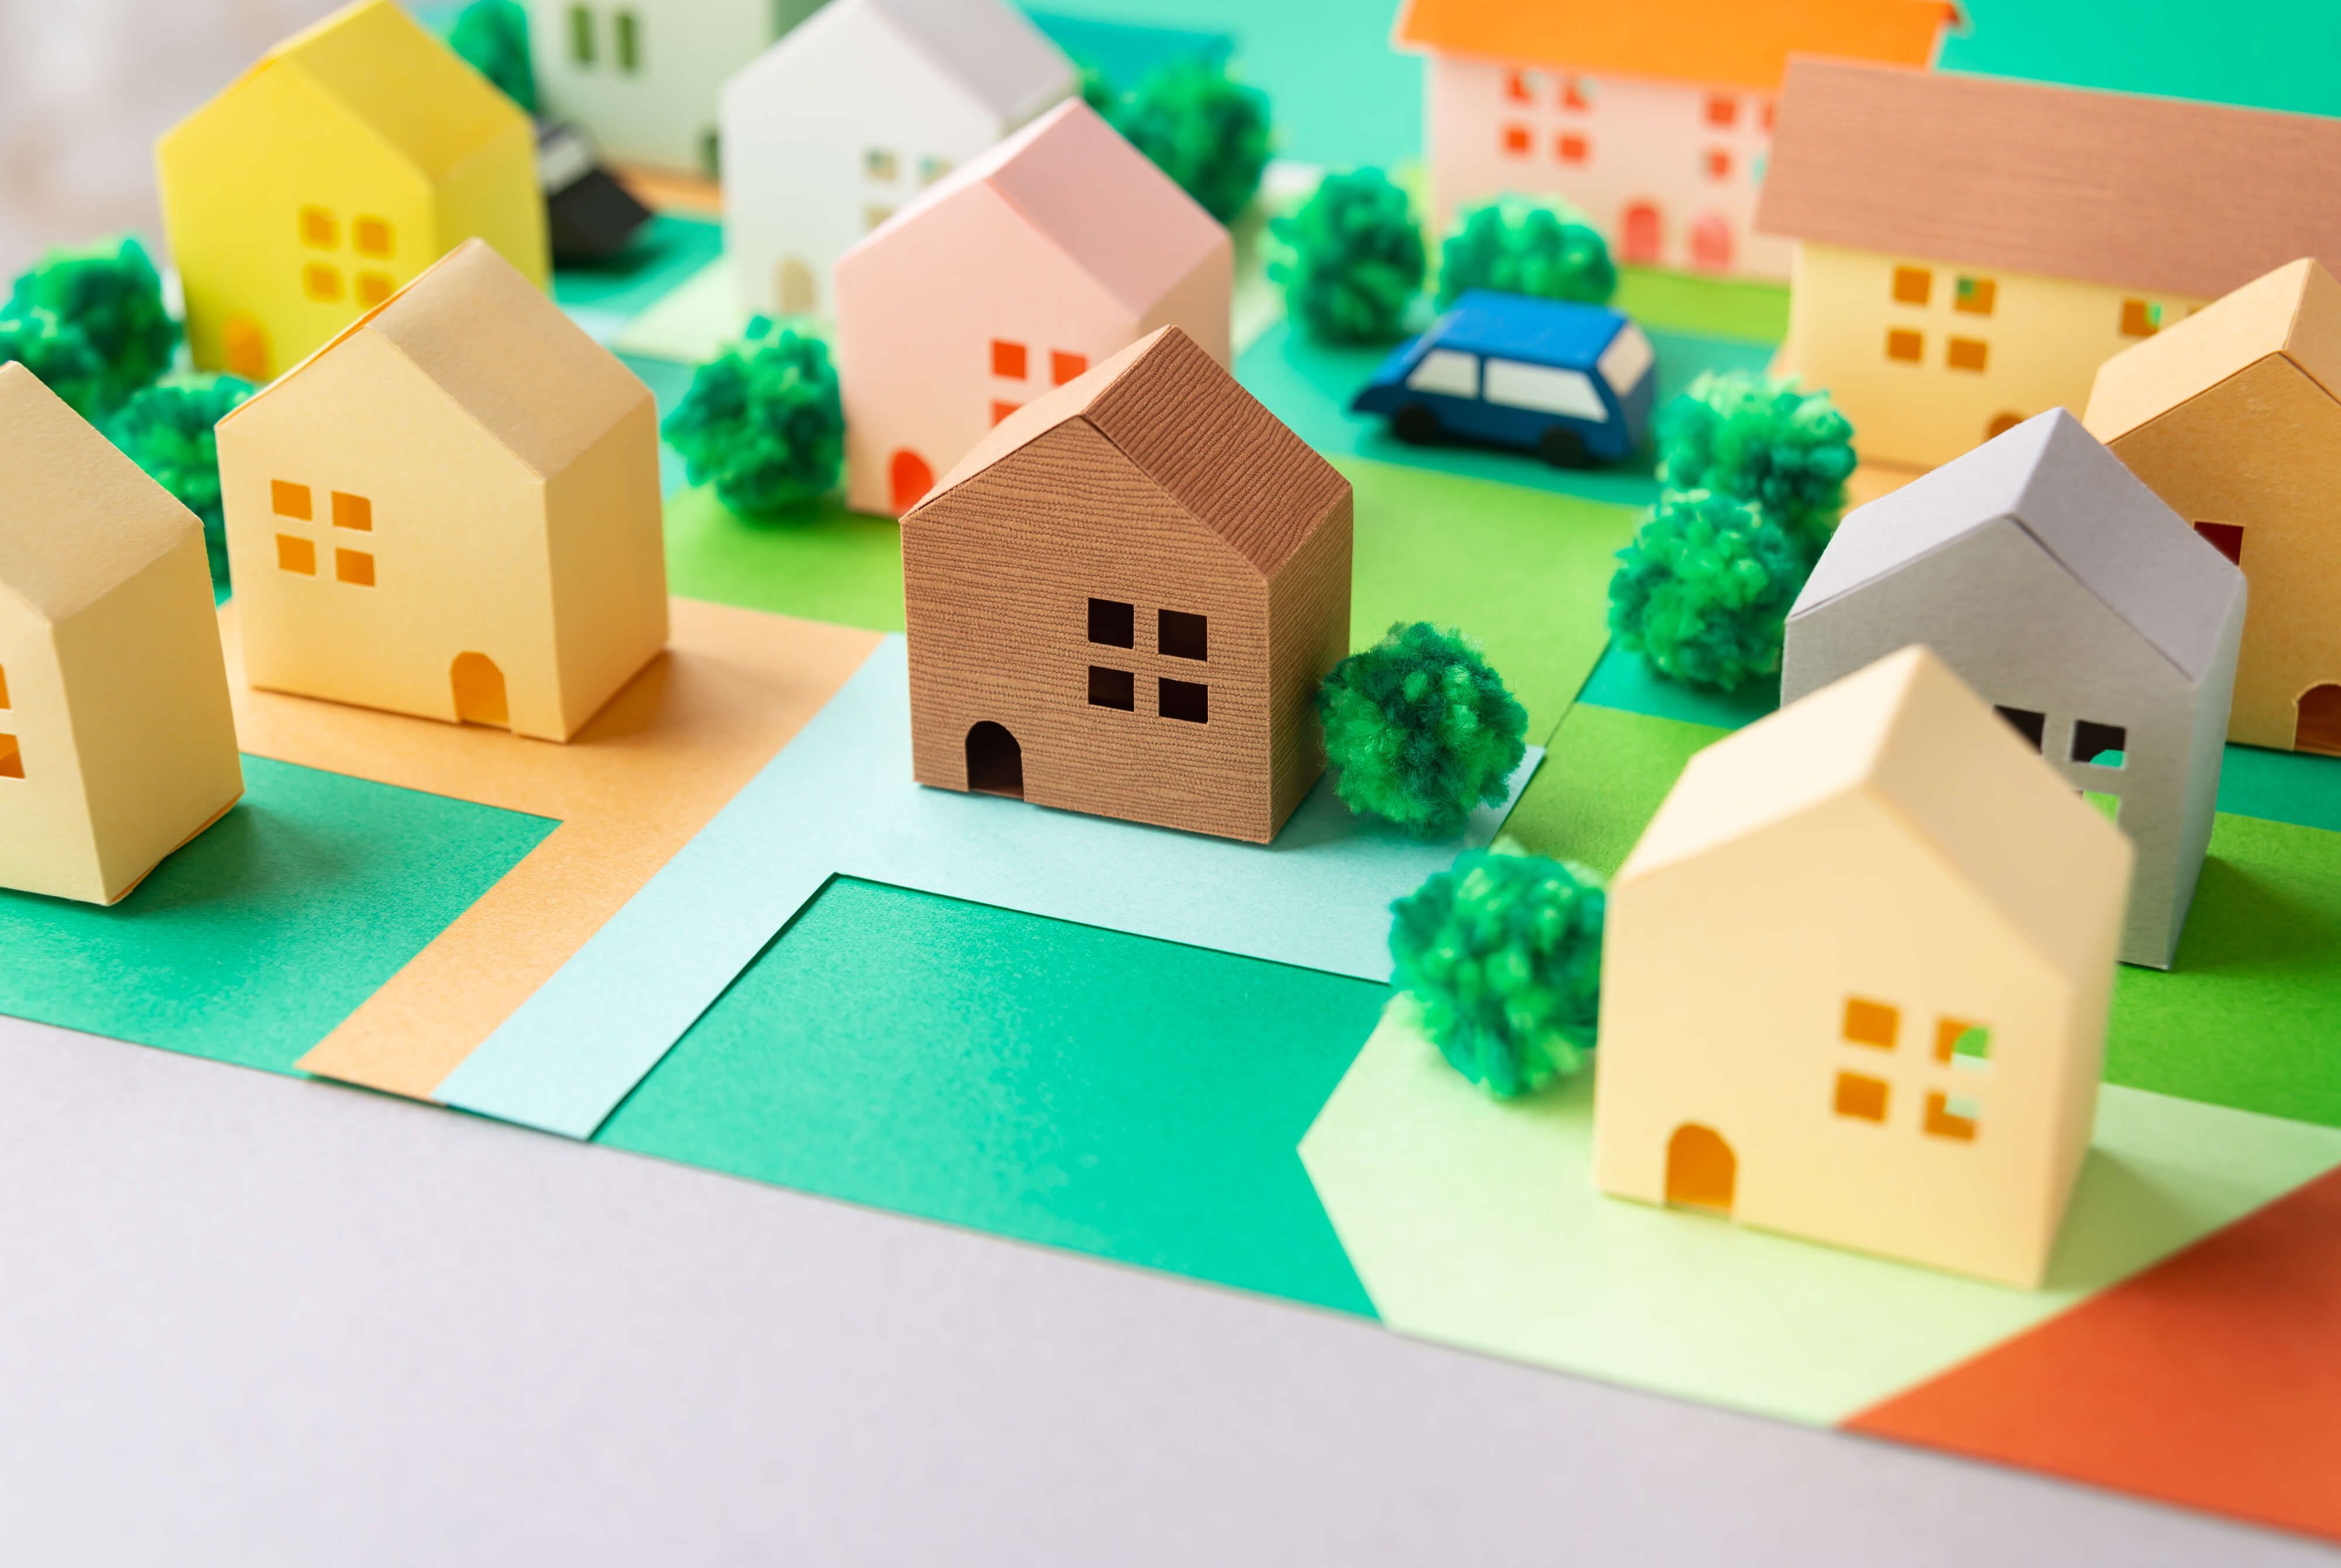 グリーン住宅ポイントで家を建てるイメージ